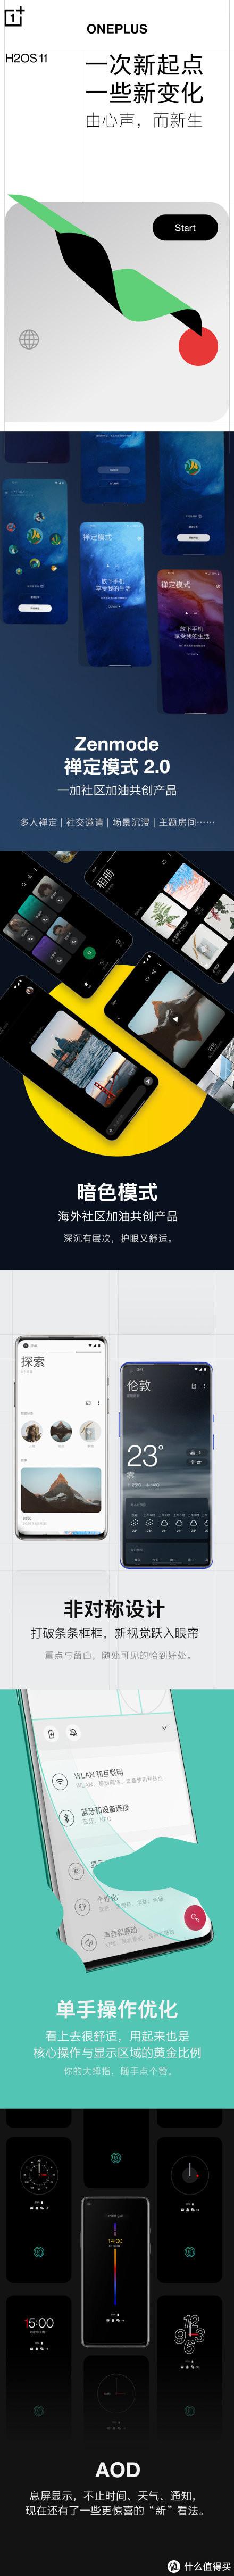 一加氢OS 11正式宣布,一加8系列手机今天尝鲜